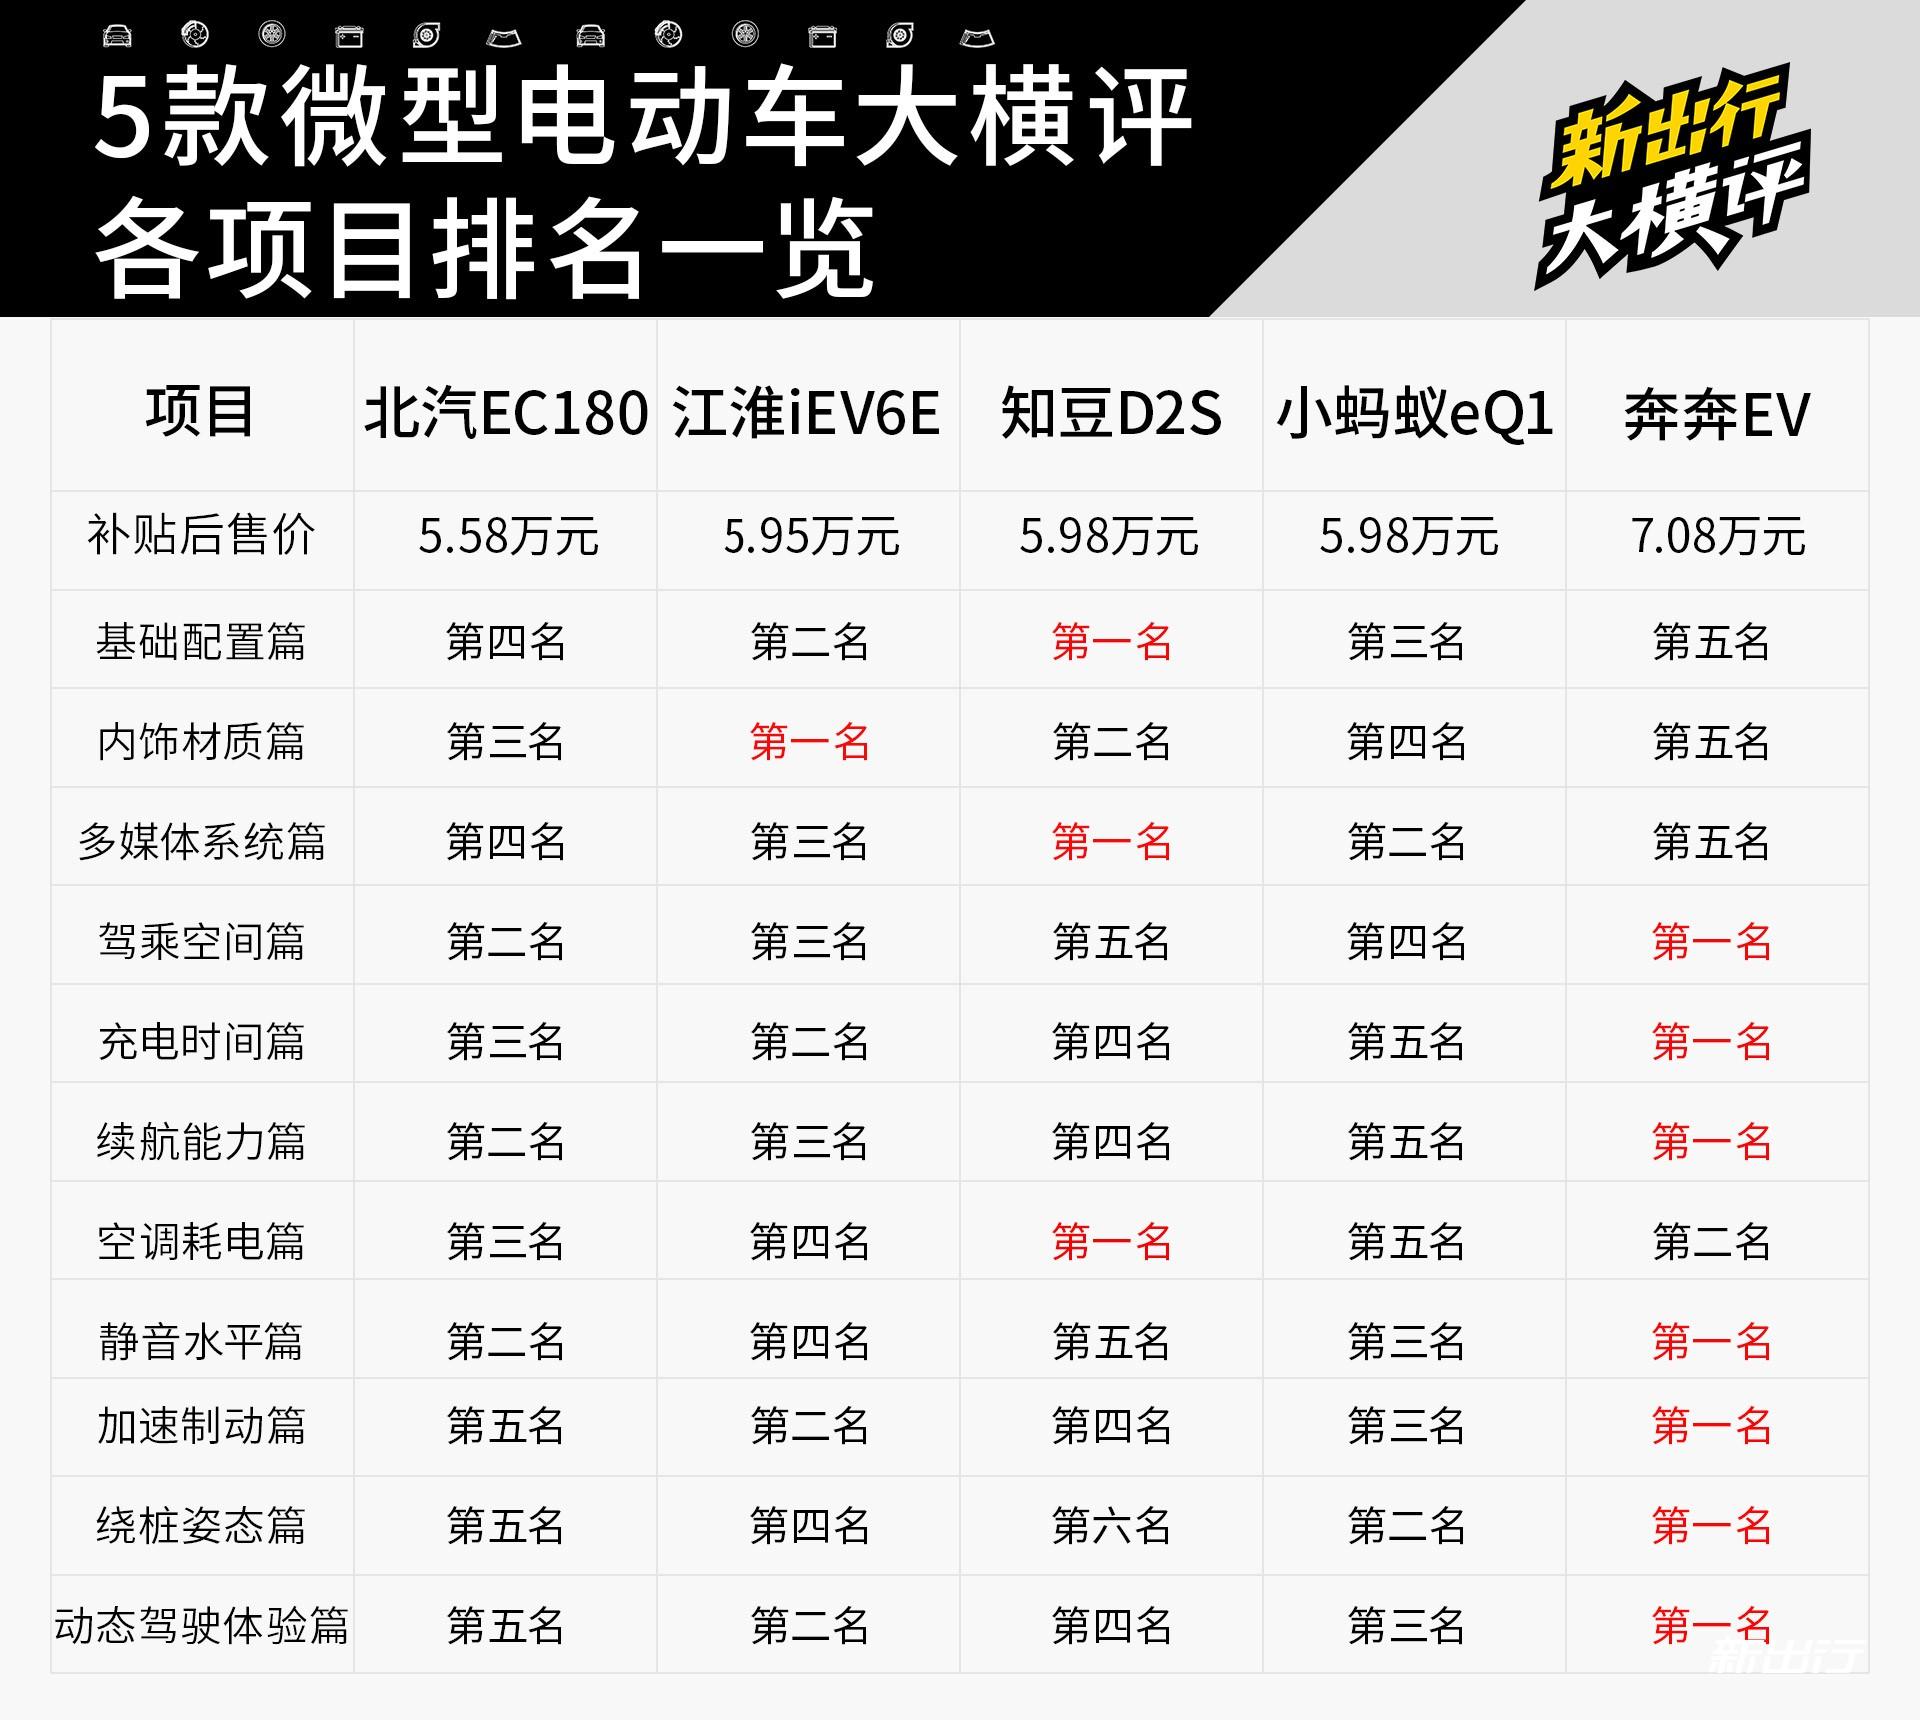 28-新出行5辆微型电动车横评.jpg